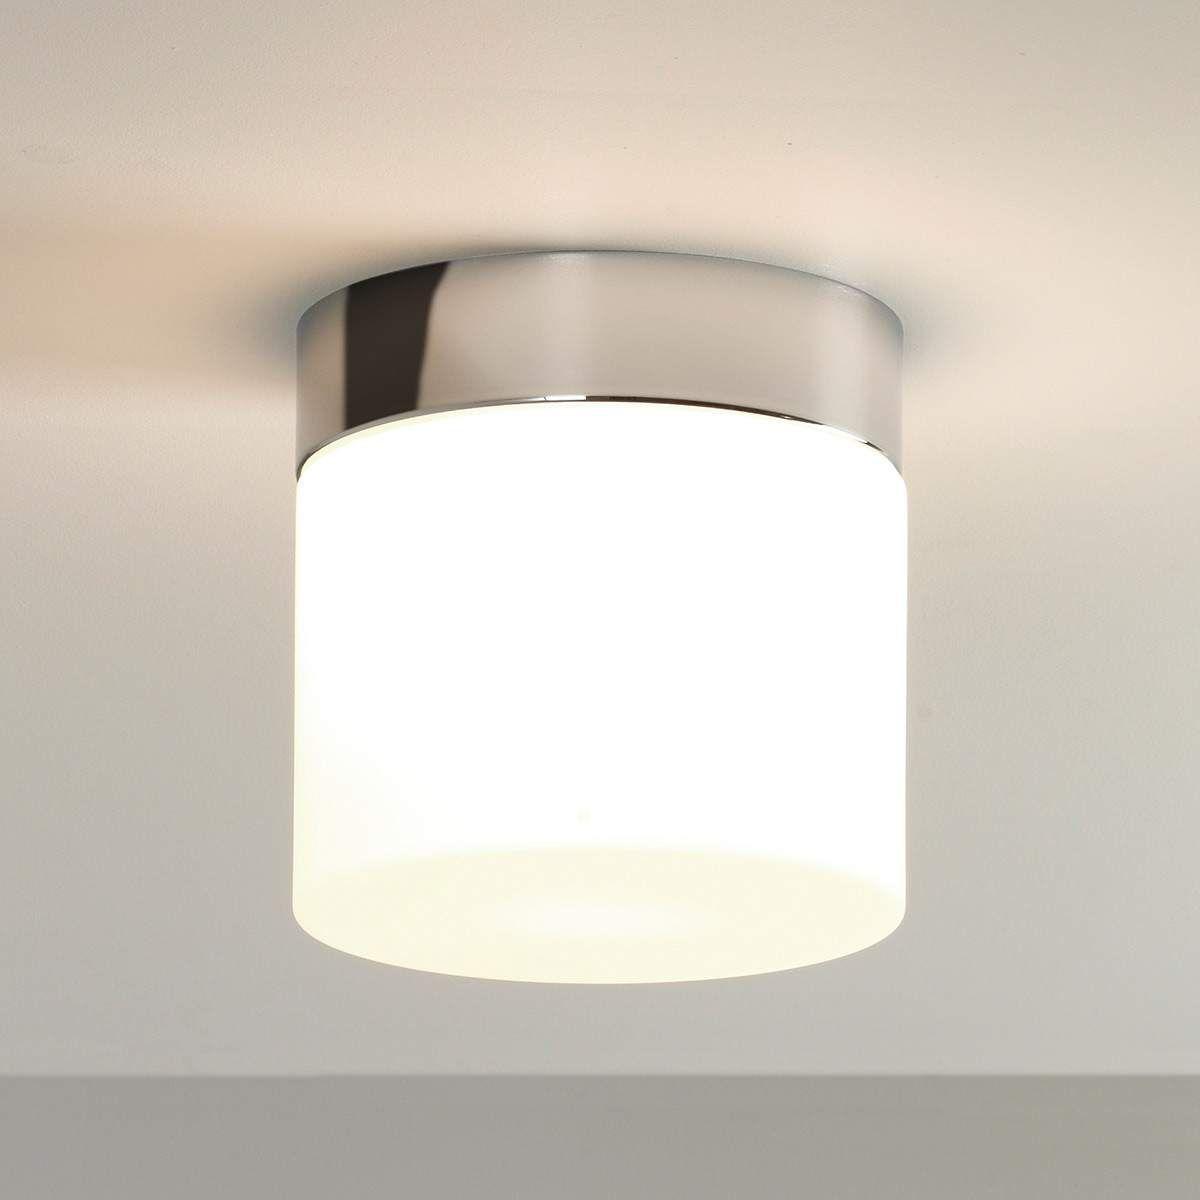 Badezimmer Lampe Farbwechsel